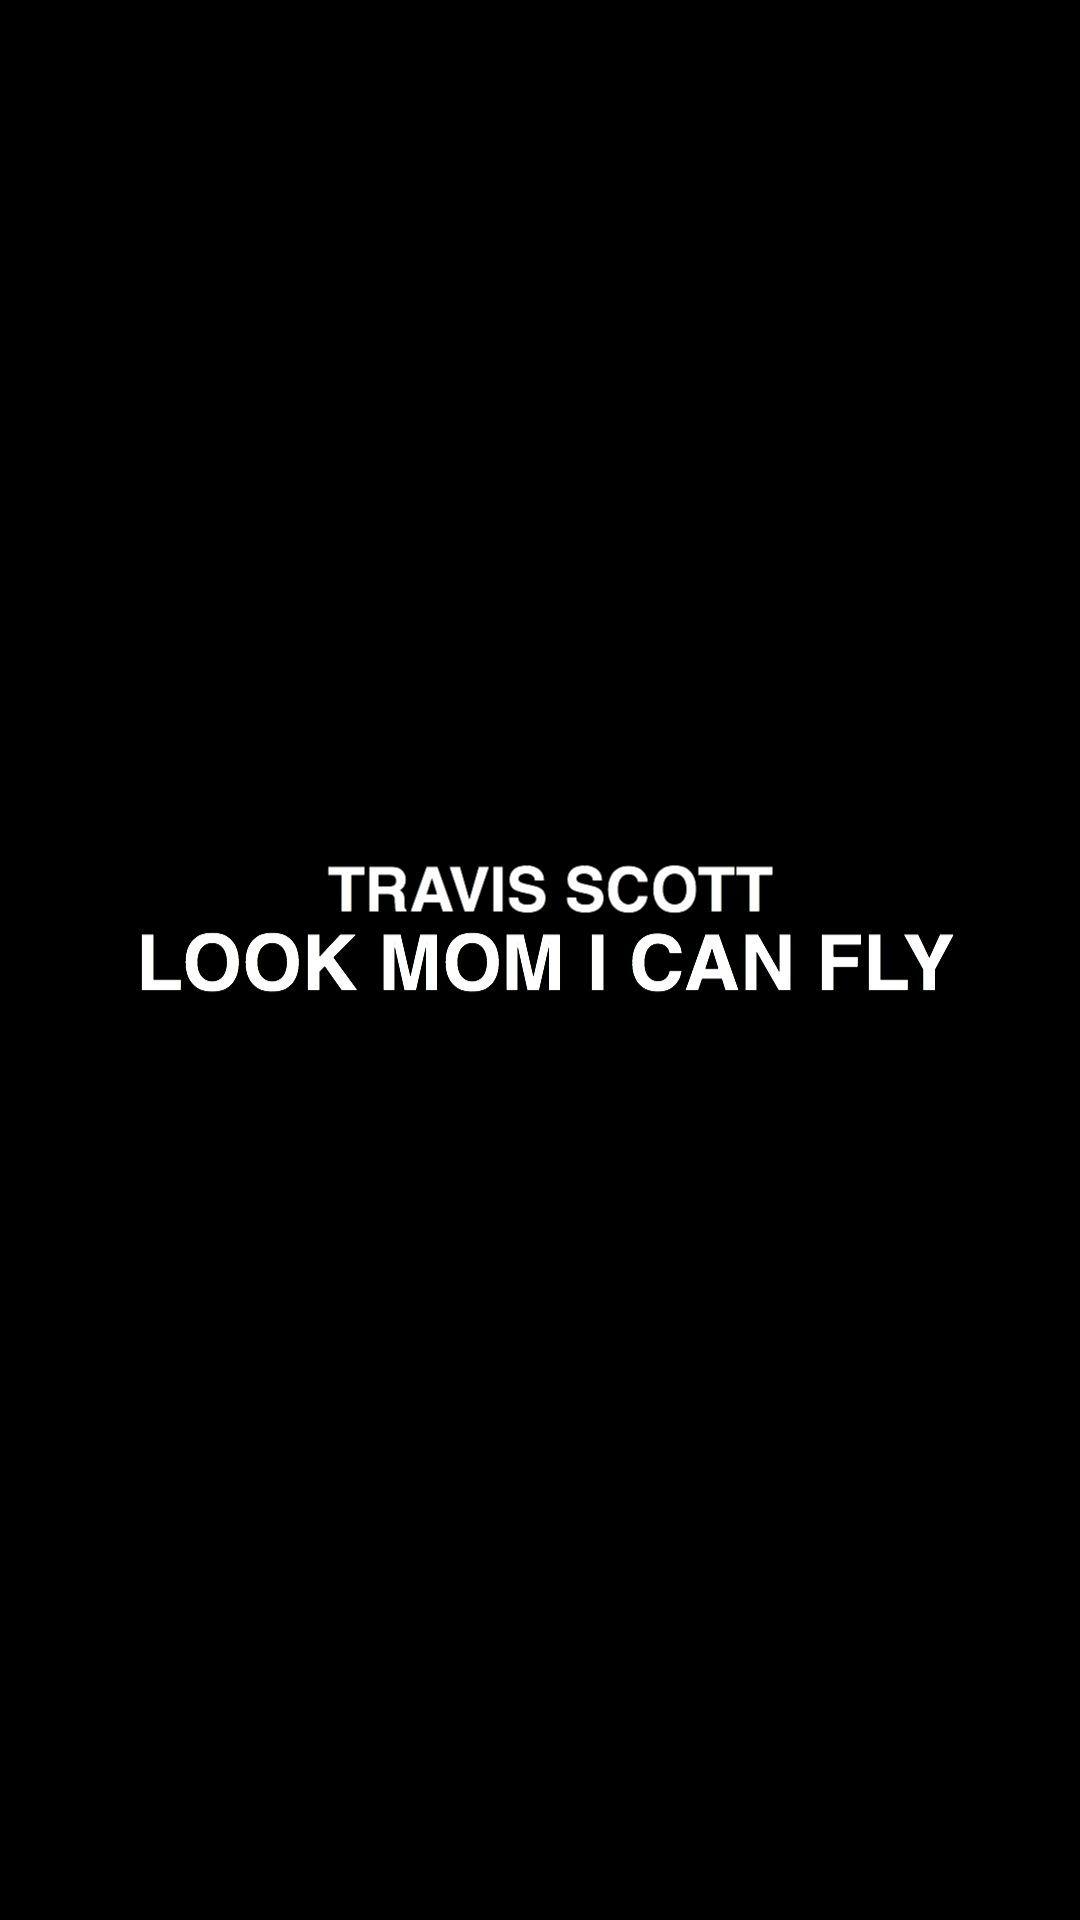 Travis Scott, Look mom I can Fly wallpaper #travisscottwallpapers Travis Scott wallpaper #travisscottwallpapers